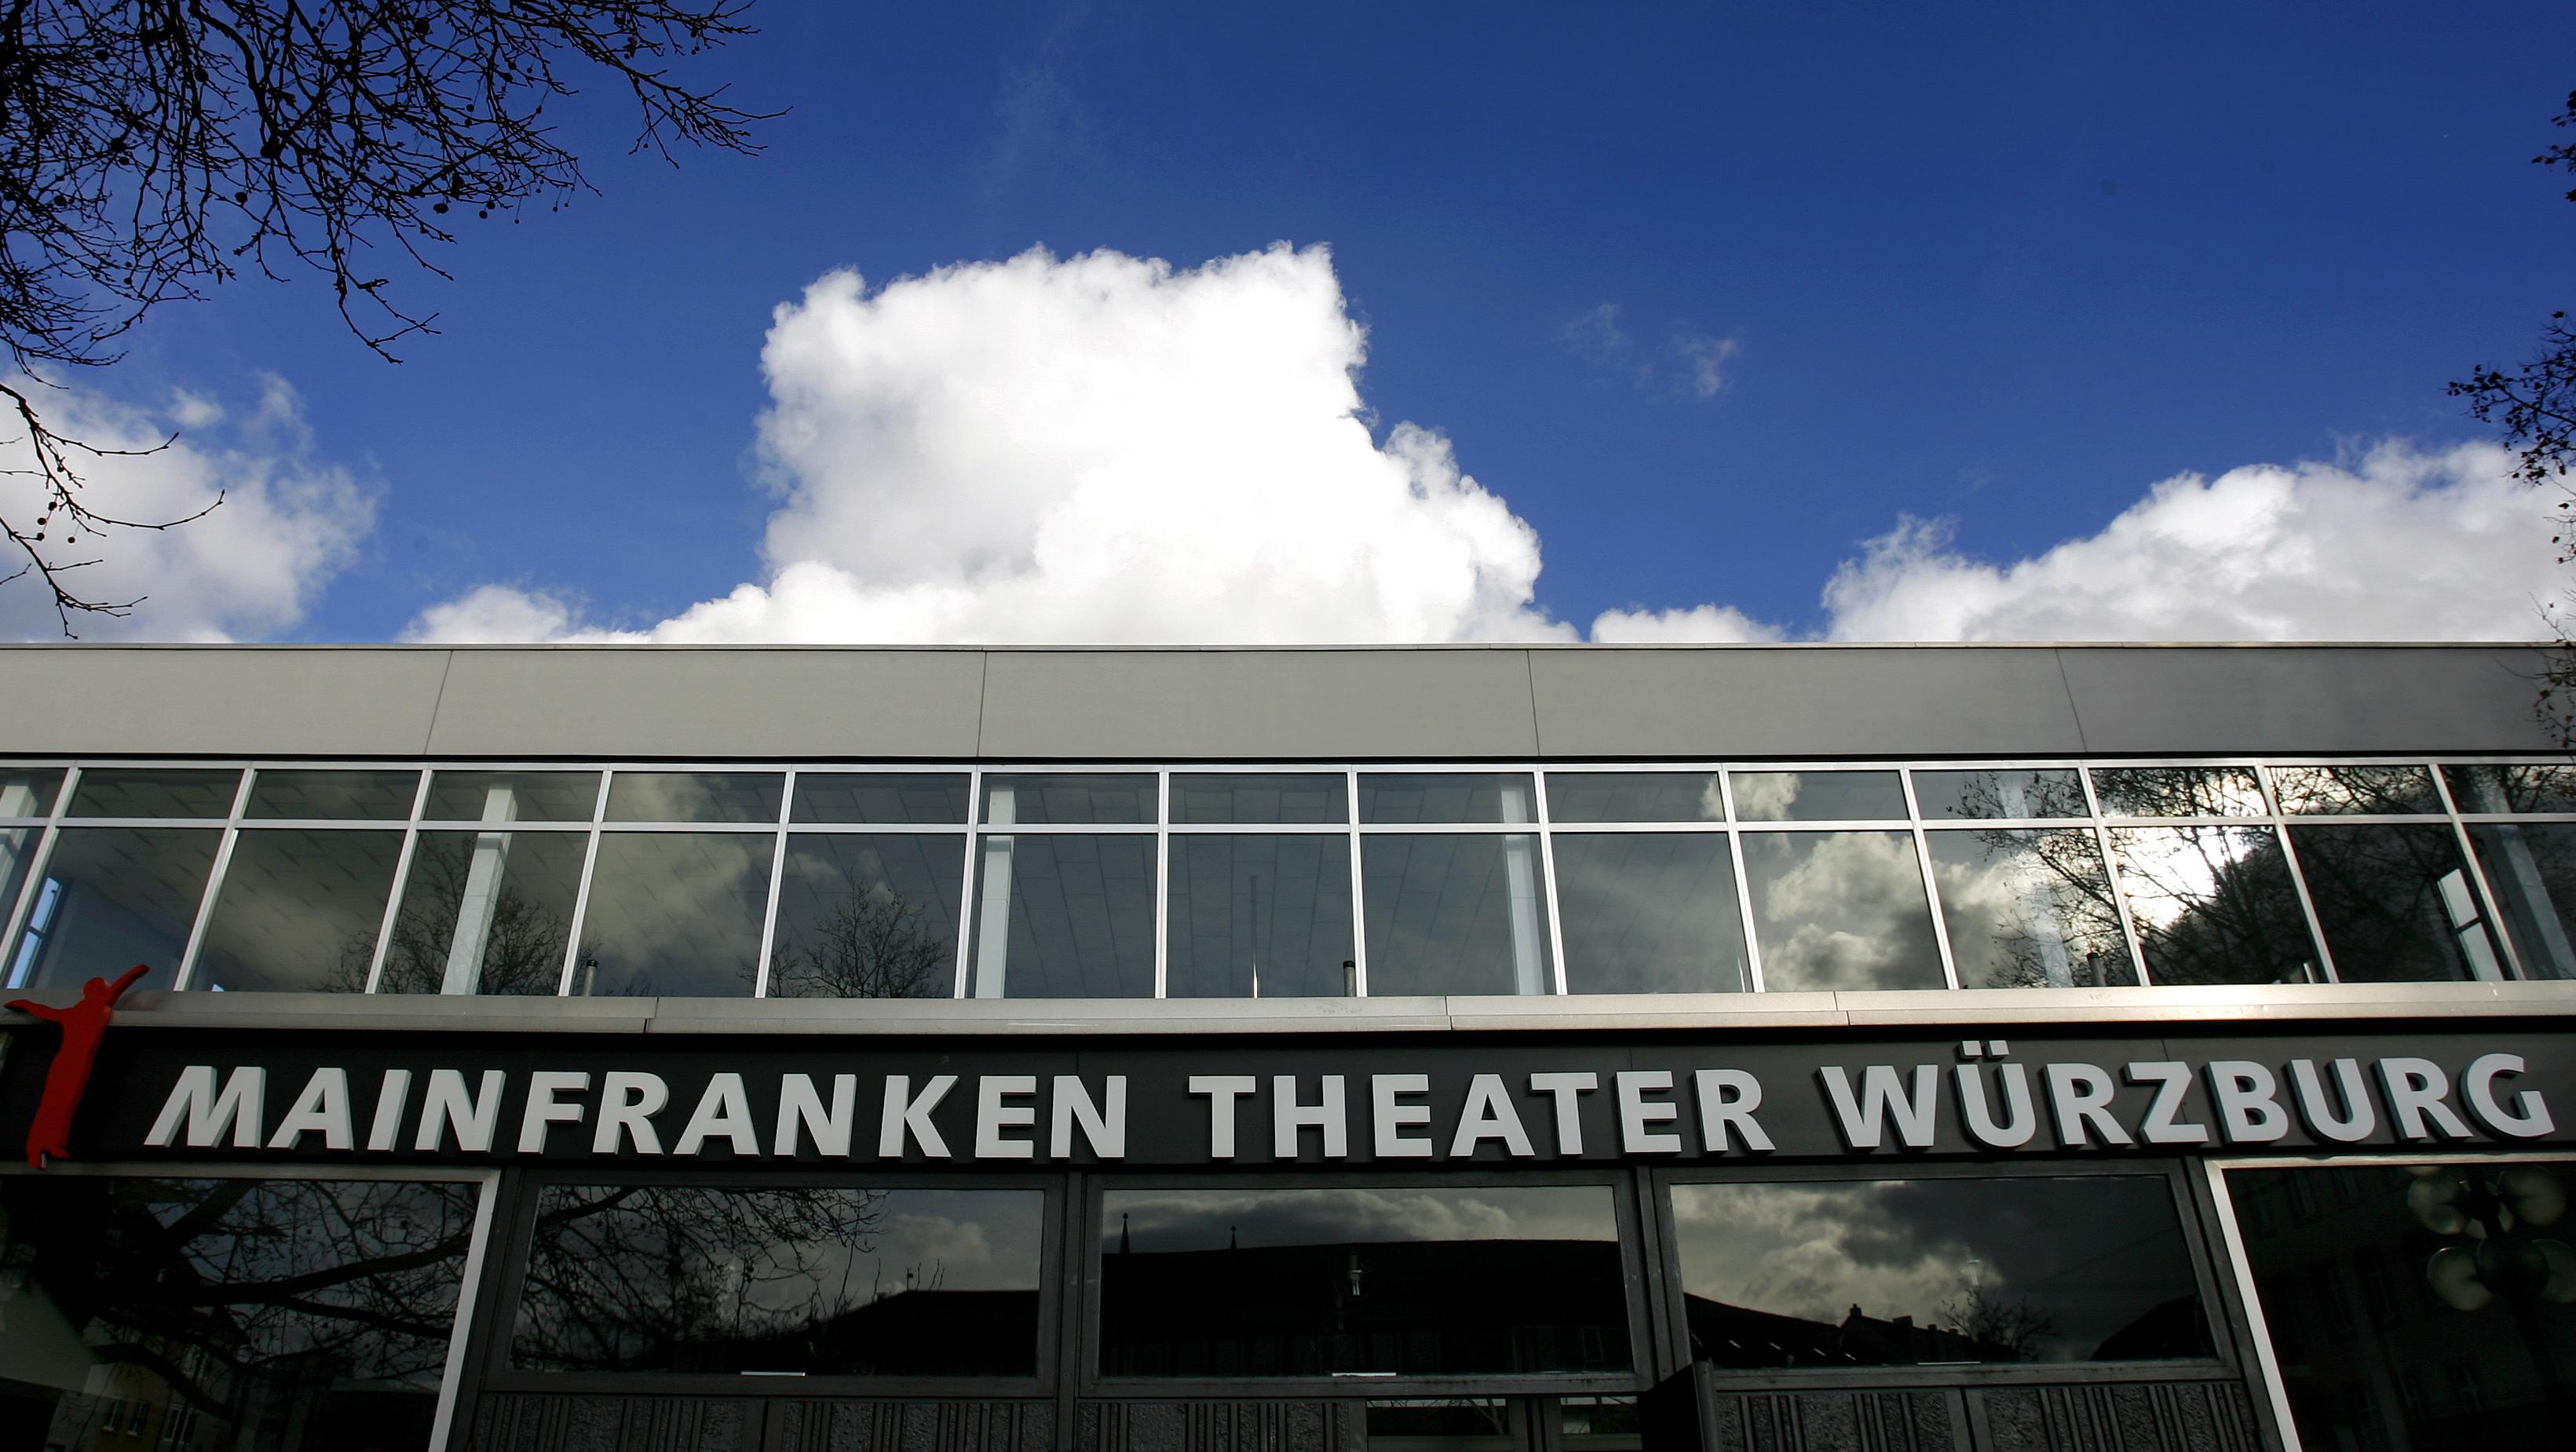 Mainfrankentheater Würzburg